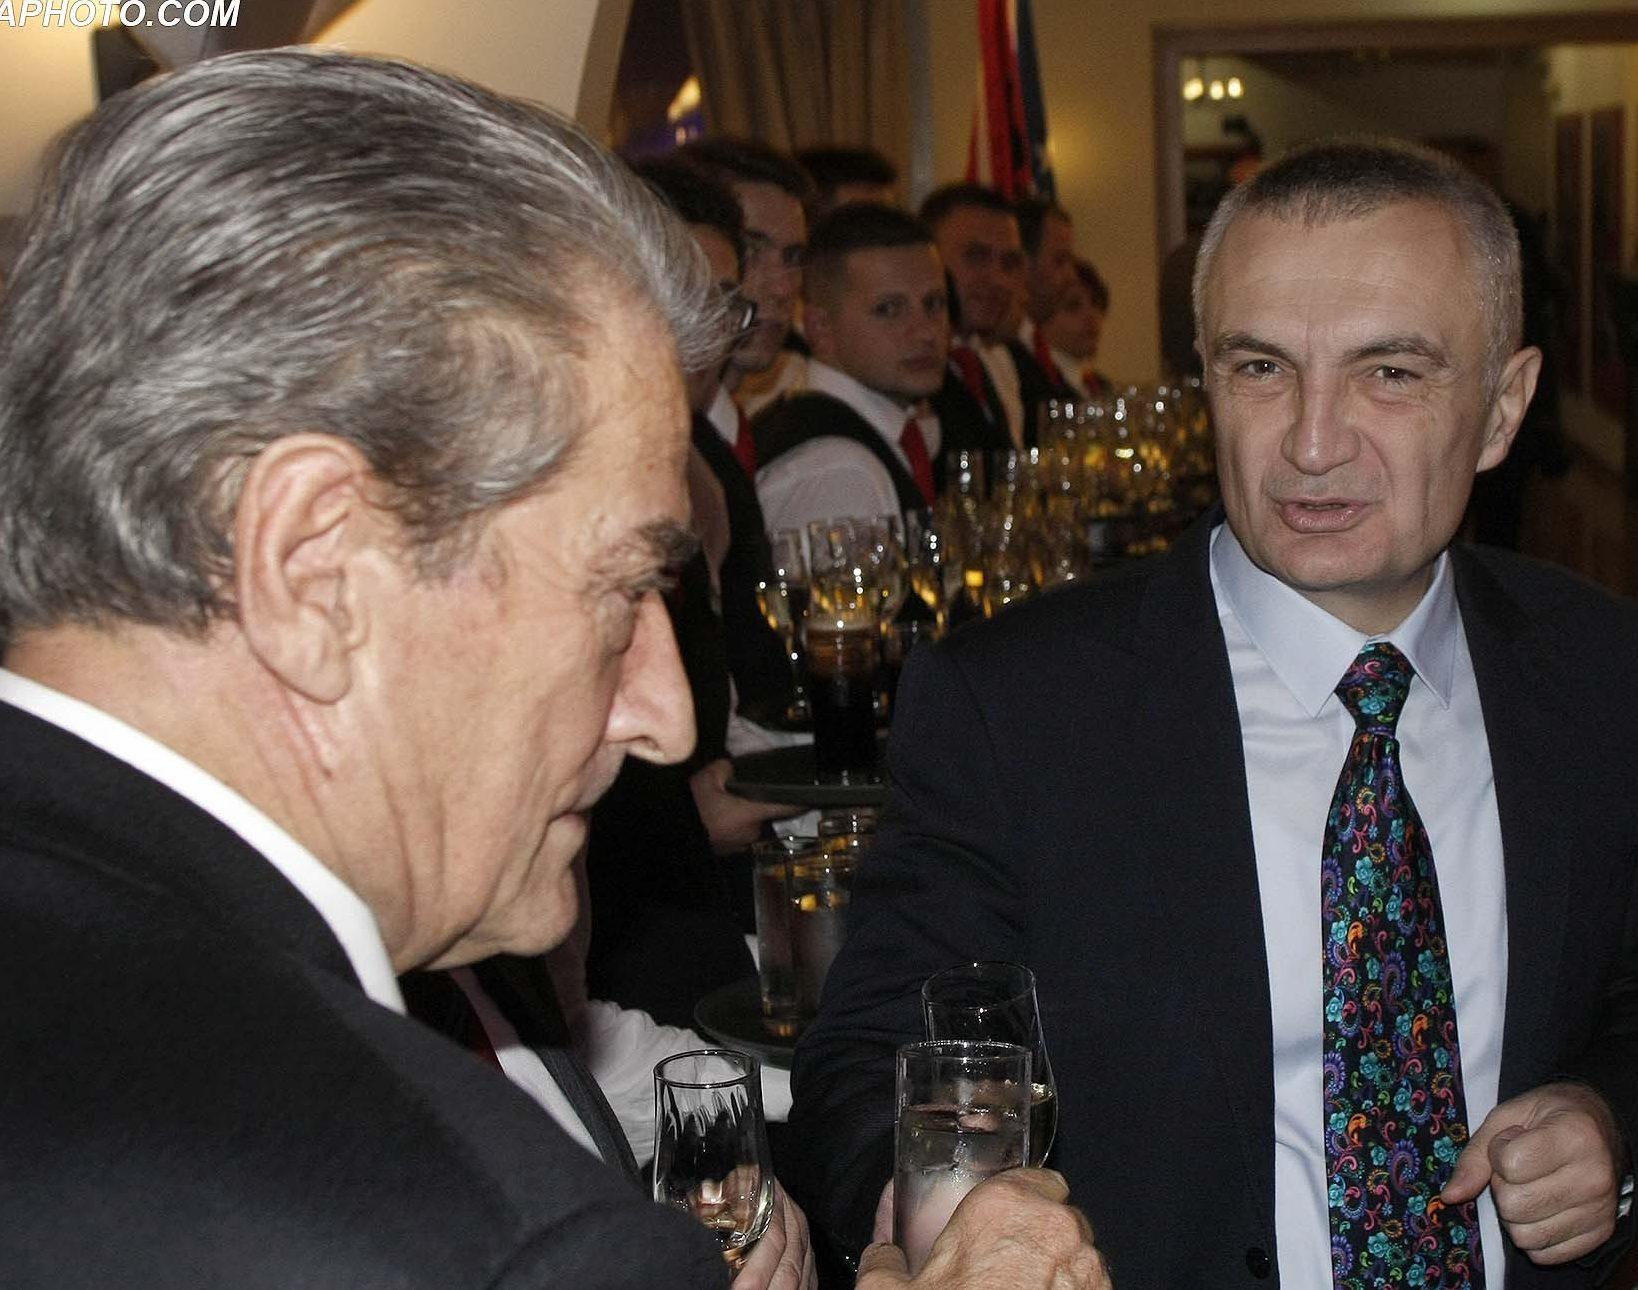 8 VJETORI I PAVARESISE SE KOSOVES - Ish Kryeministri, Sali Berisha, Kryetari i Kuvendit Ilir Meta dhe deputeti i PS, Pandeli Majko, gjate nje pritje festive me personalitete shteterore me rastin e 8 vjetorit te festes se Pavaresise se Kosoves./r/n/r/n8 ANNIVERSARY OF INDEPENDENCE OF KOSOVO - Former Prime Minister Sali Berisha, Parliament Speaker Ilir Meta and lawmaker, Pandeli Majko, during a festive reception with state dignitaries on the occasion of the 8th anniversary of the feast of the Independence of Kosovo.